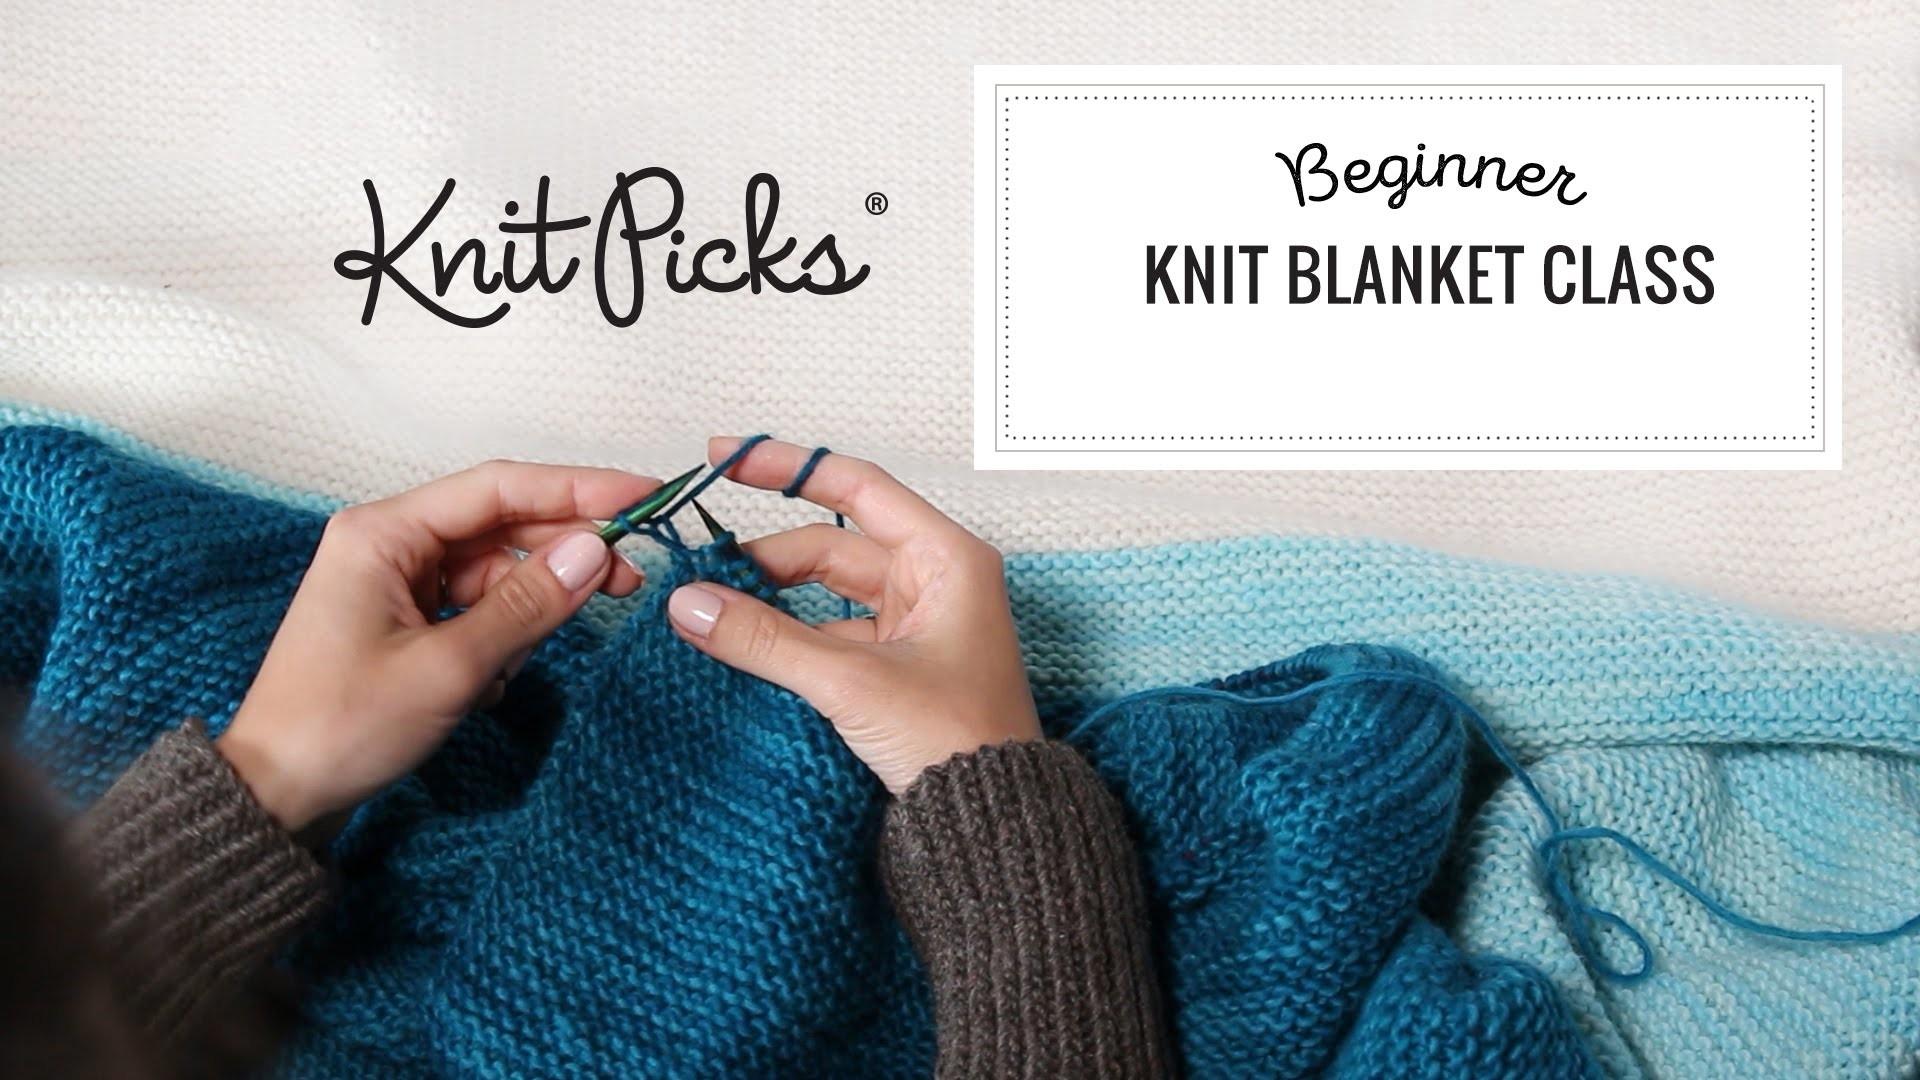 Beginner Knit Blanket Class, Part 5: Starting a New Row